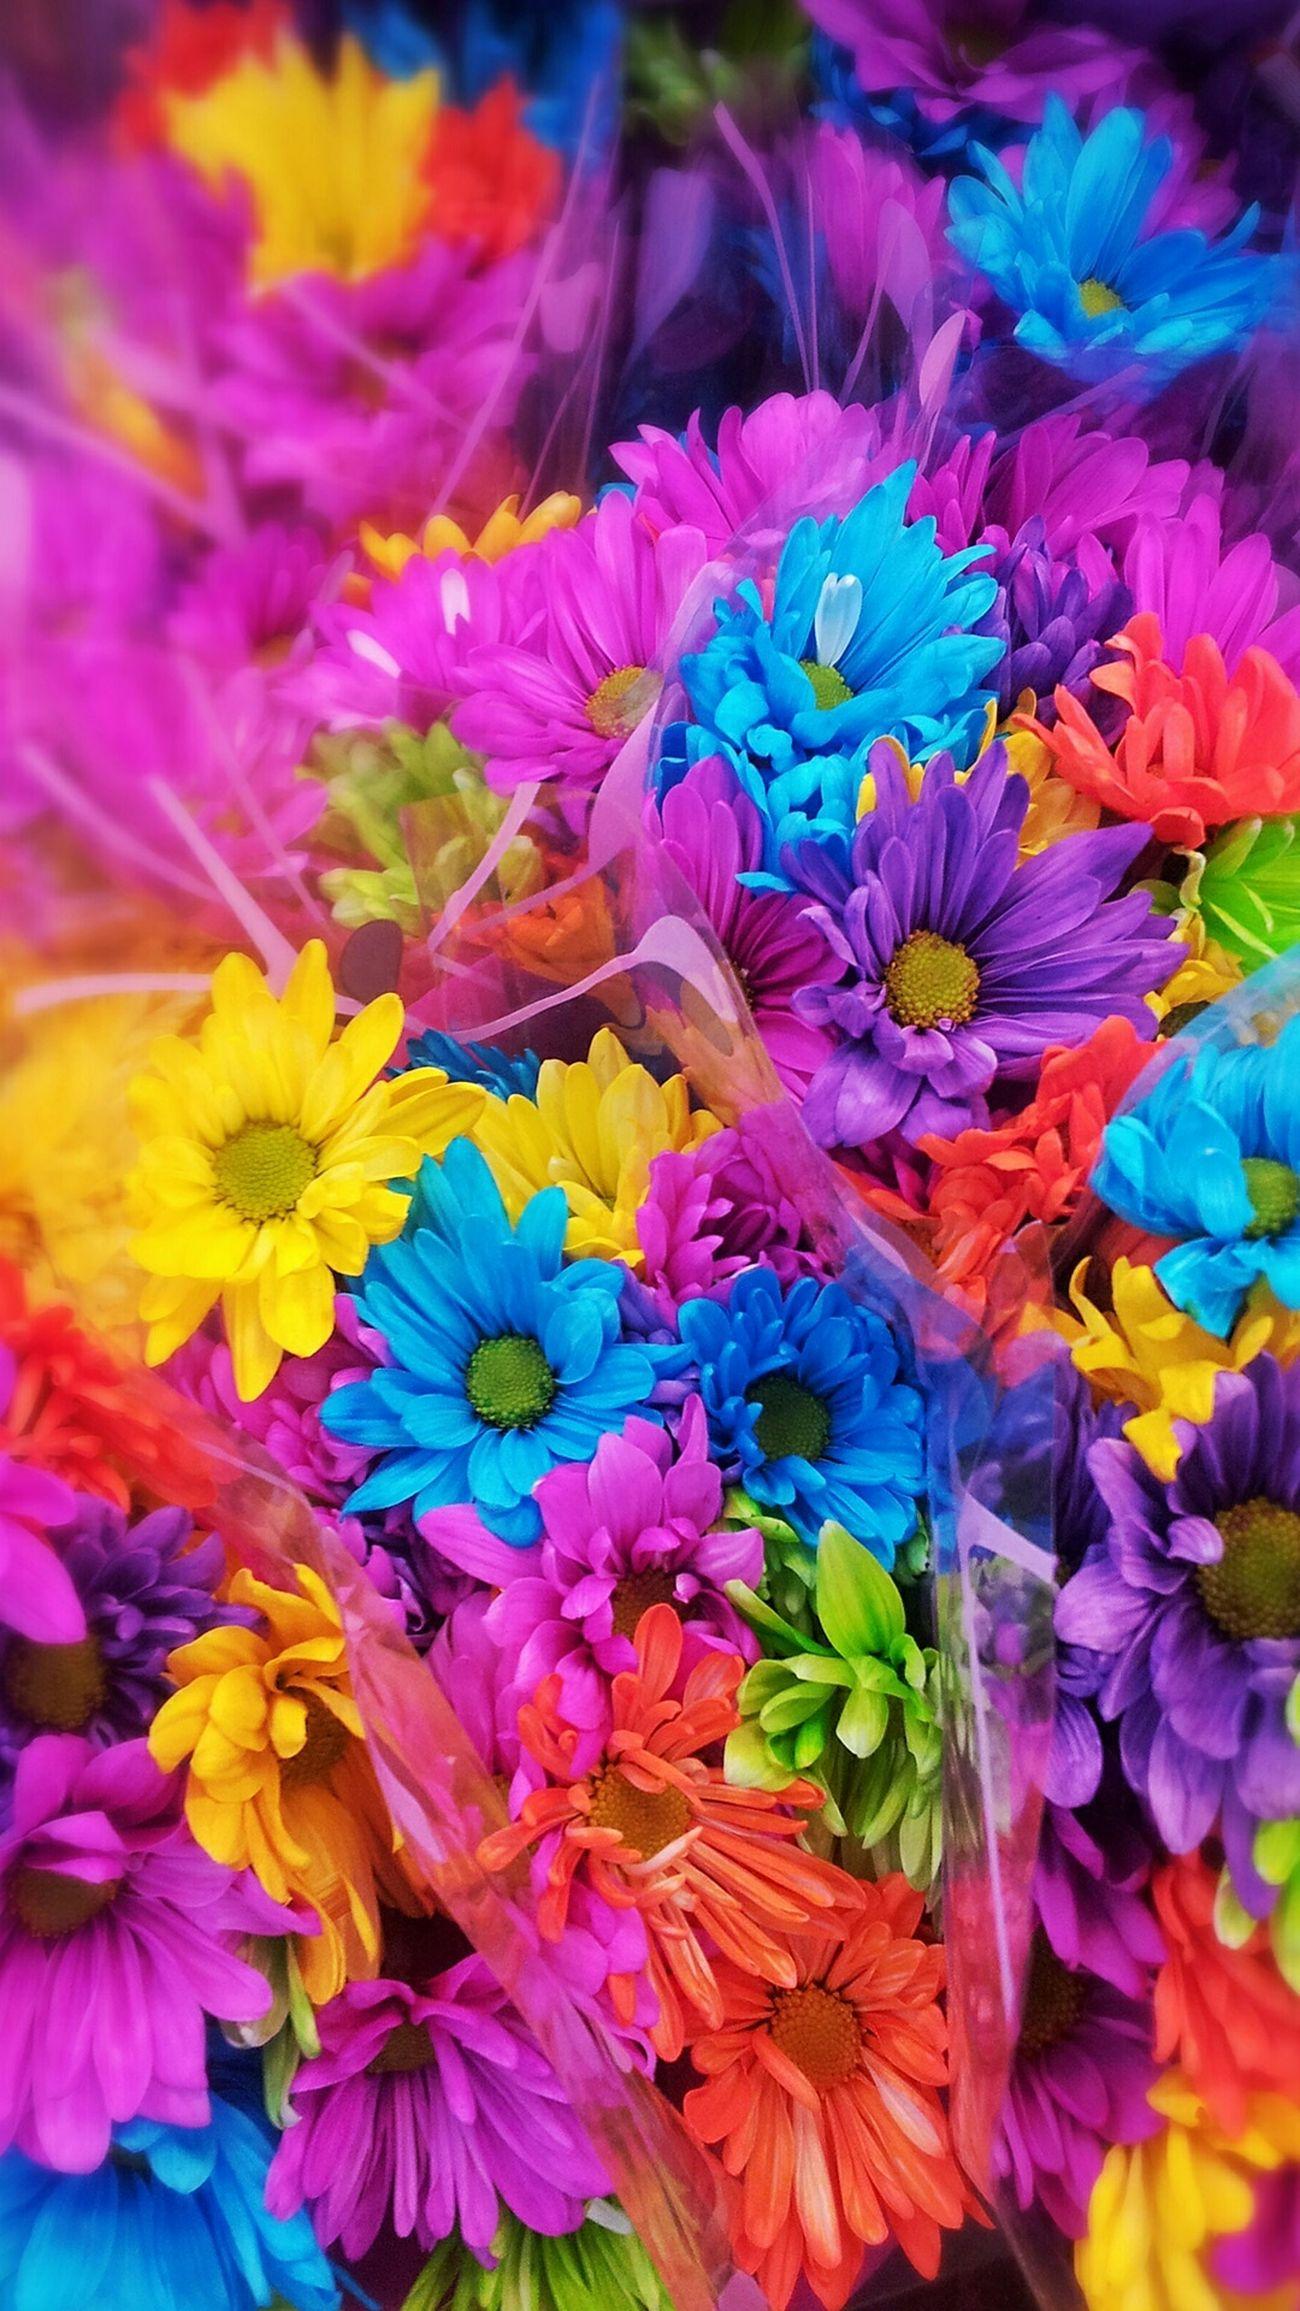 Wallpaper Images Hd Flowers Karla J Eyeem